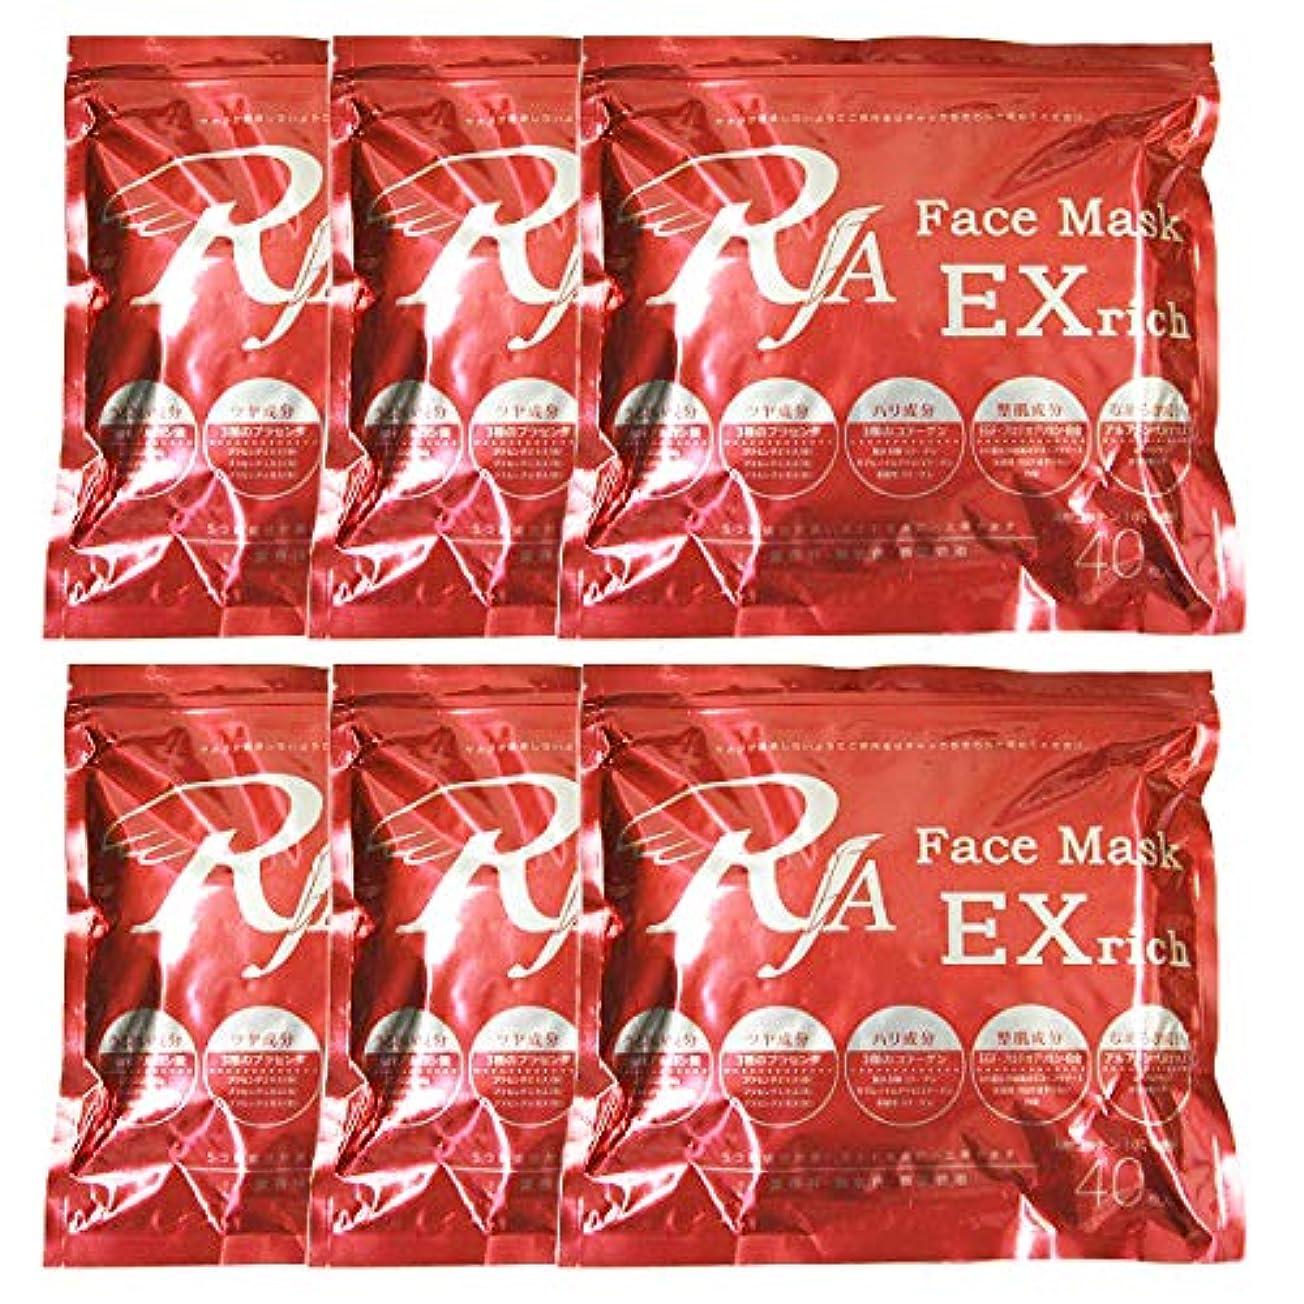 創傷スラム街今晩TBS公式/RJA フェイス マスク EXrich 240枚入(40枚×6袋) エステ使用の実力派フェイスマスク!1枚に約11mlもの美容液